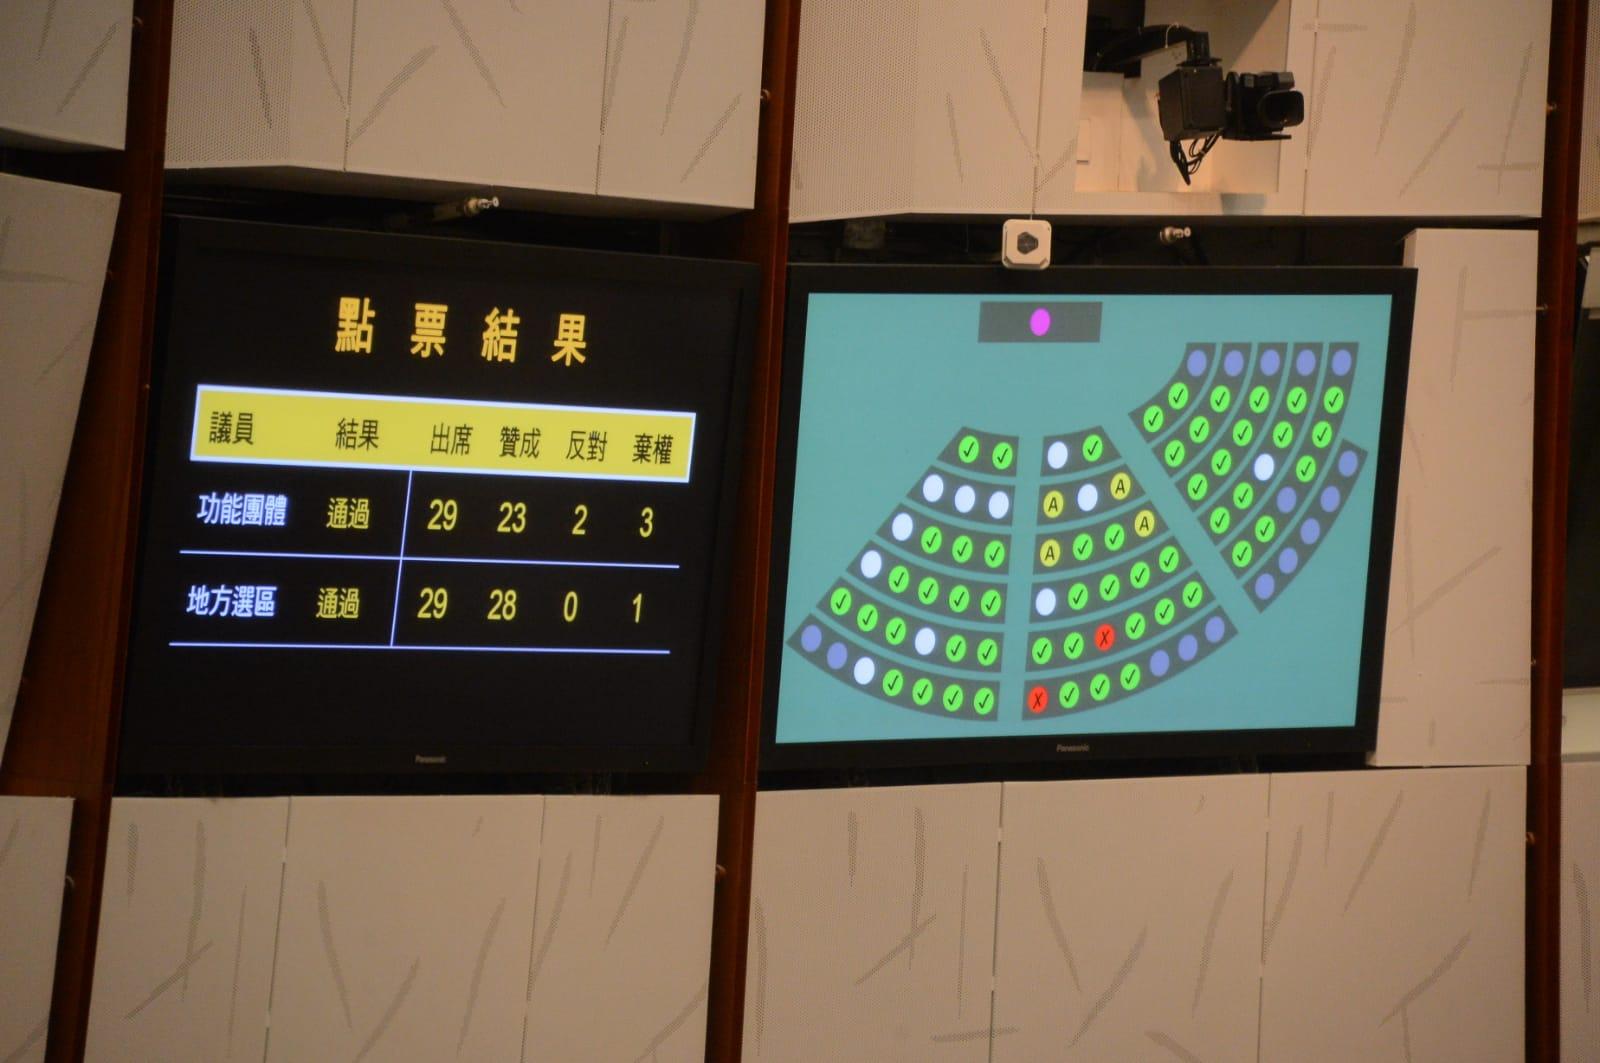 跨党派议员今早在立法会通过检讨综援计划。